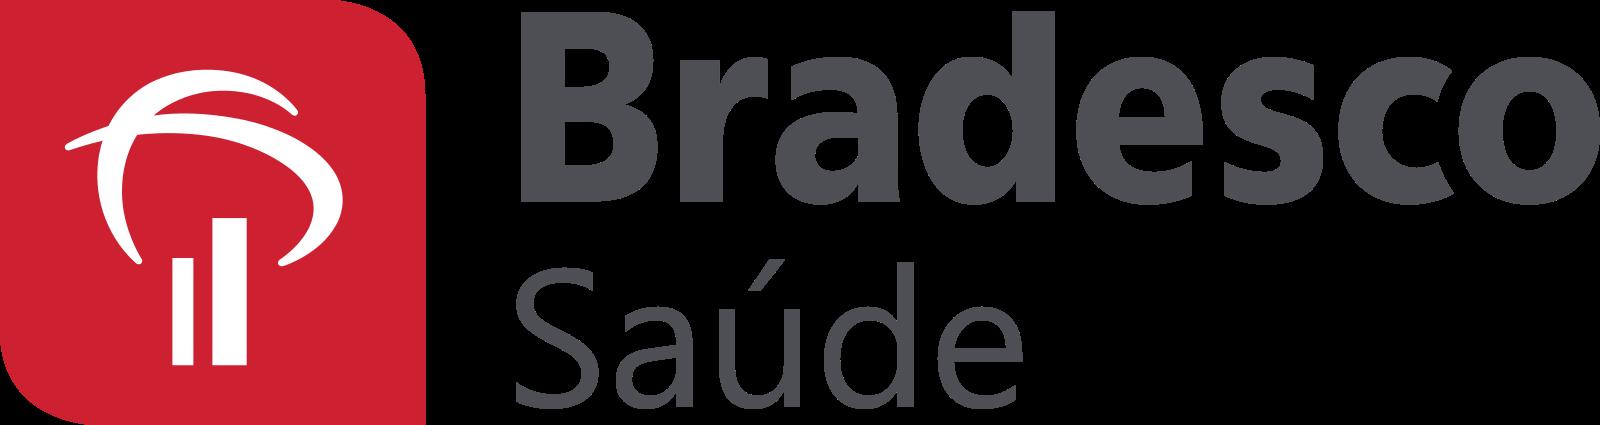 bradesco-saude-logo-4